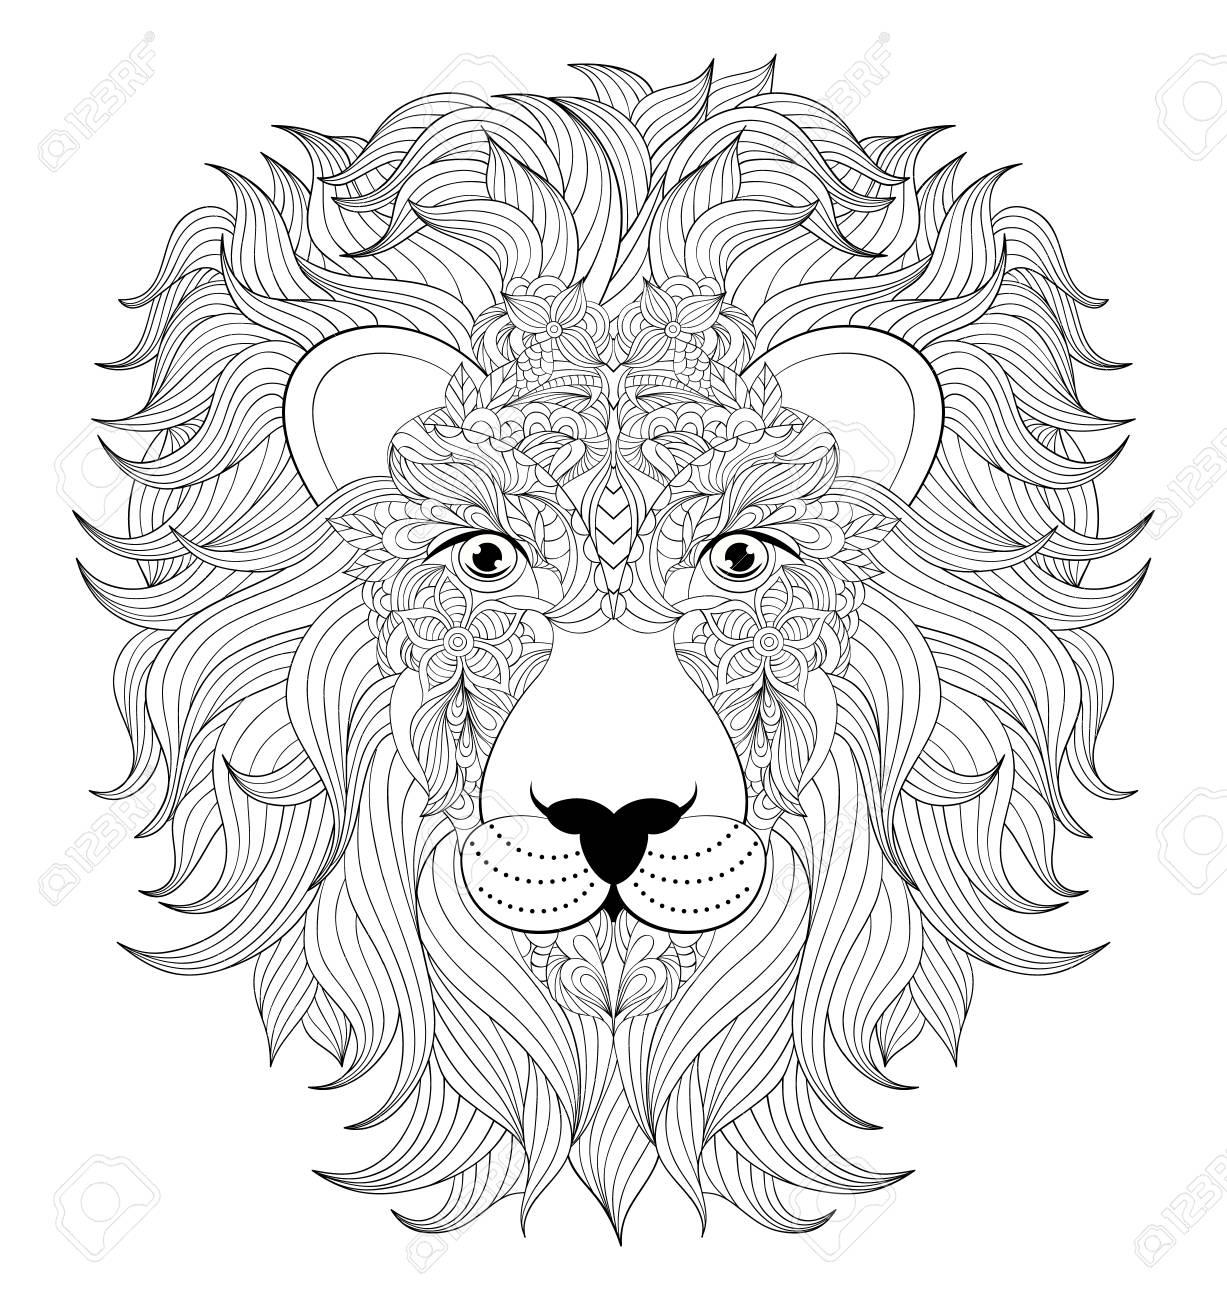 Illustration der bunten Kopf des Löwen auf weißem Hintergrund. Malvorlage  für Erwachsene.